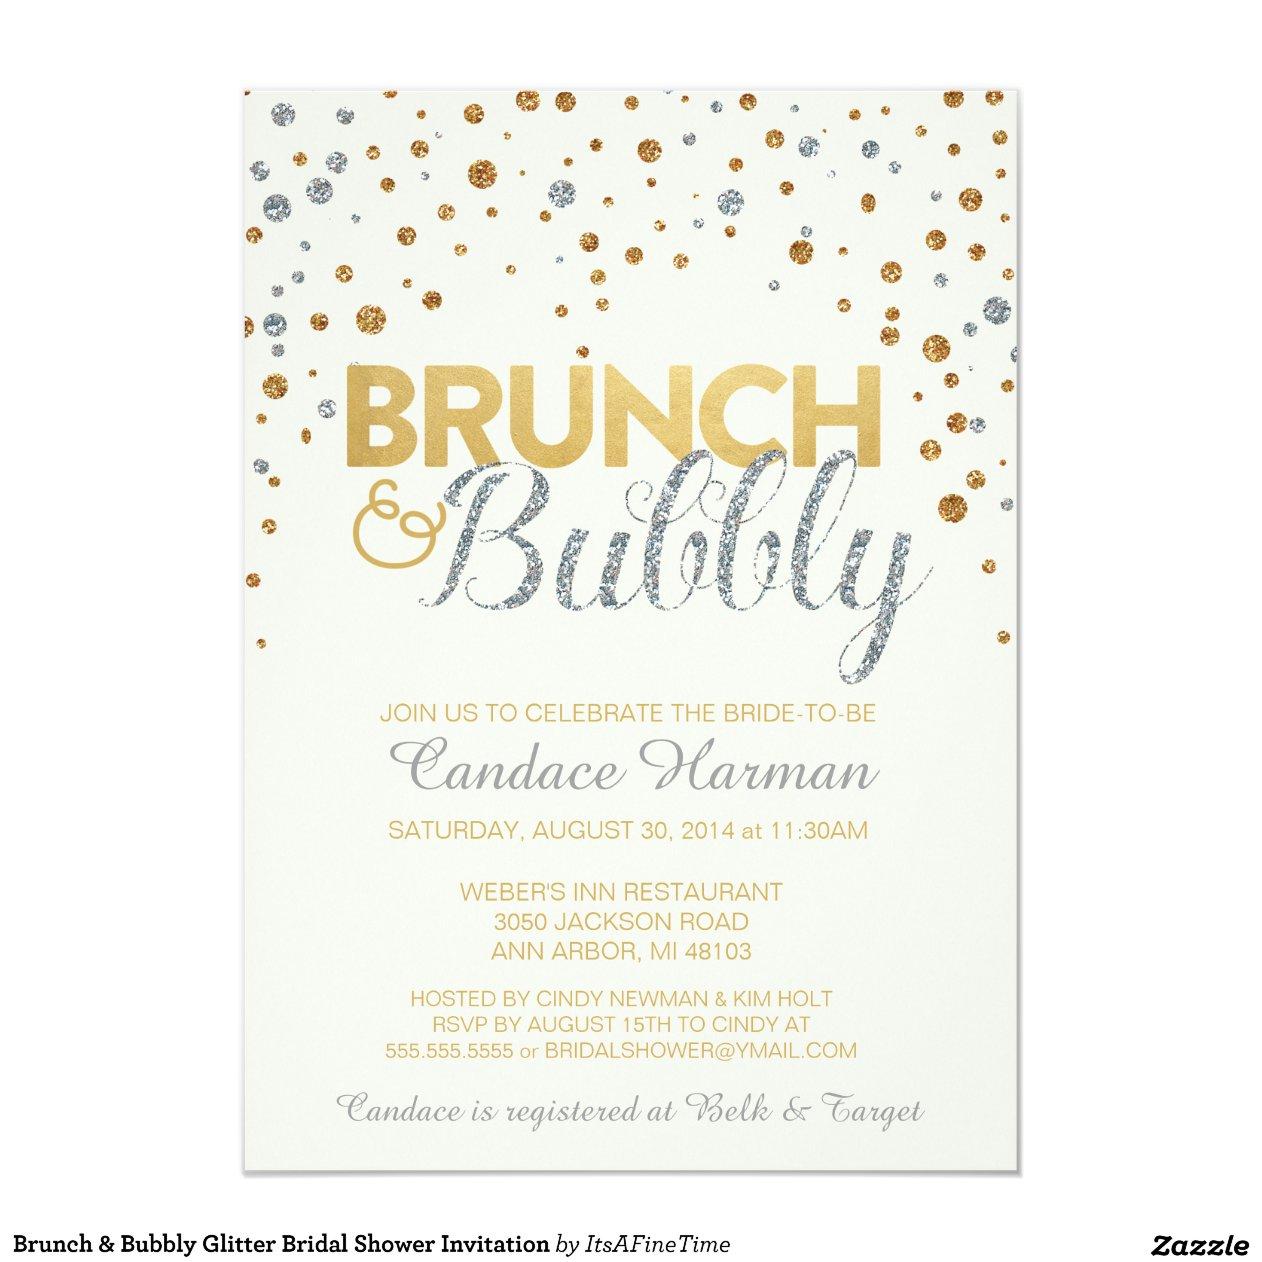 Brunch Invites was perfect invitation sample